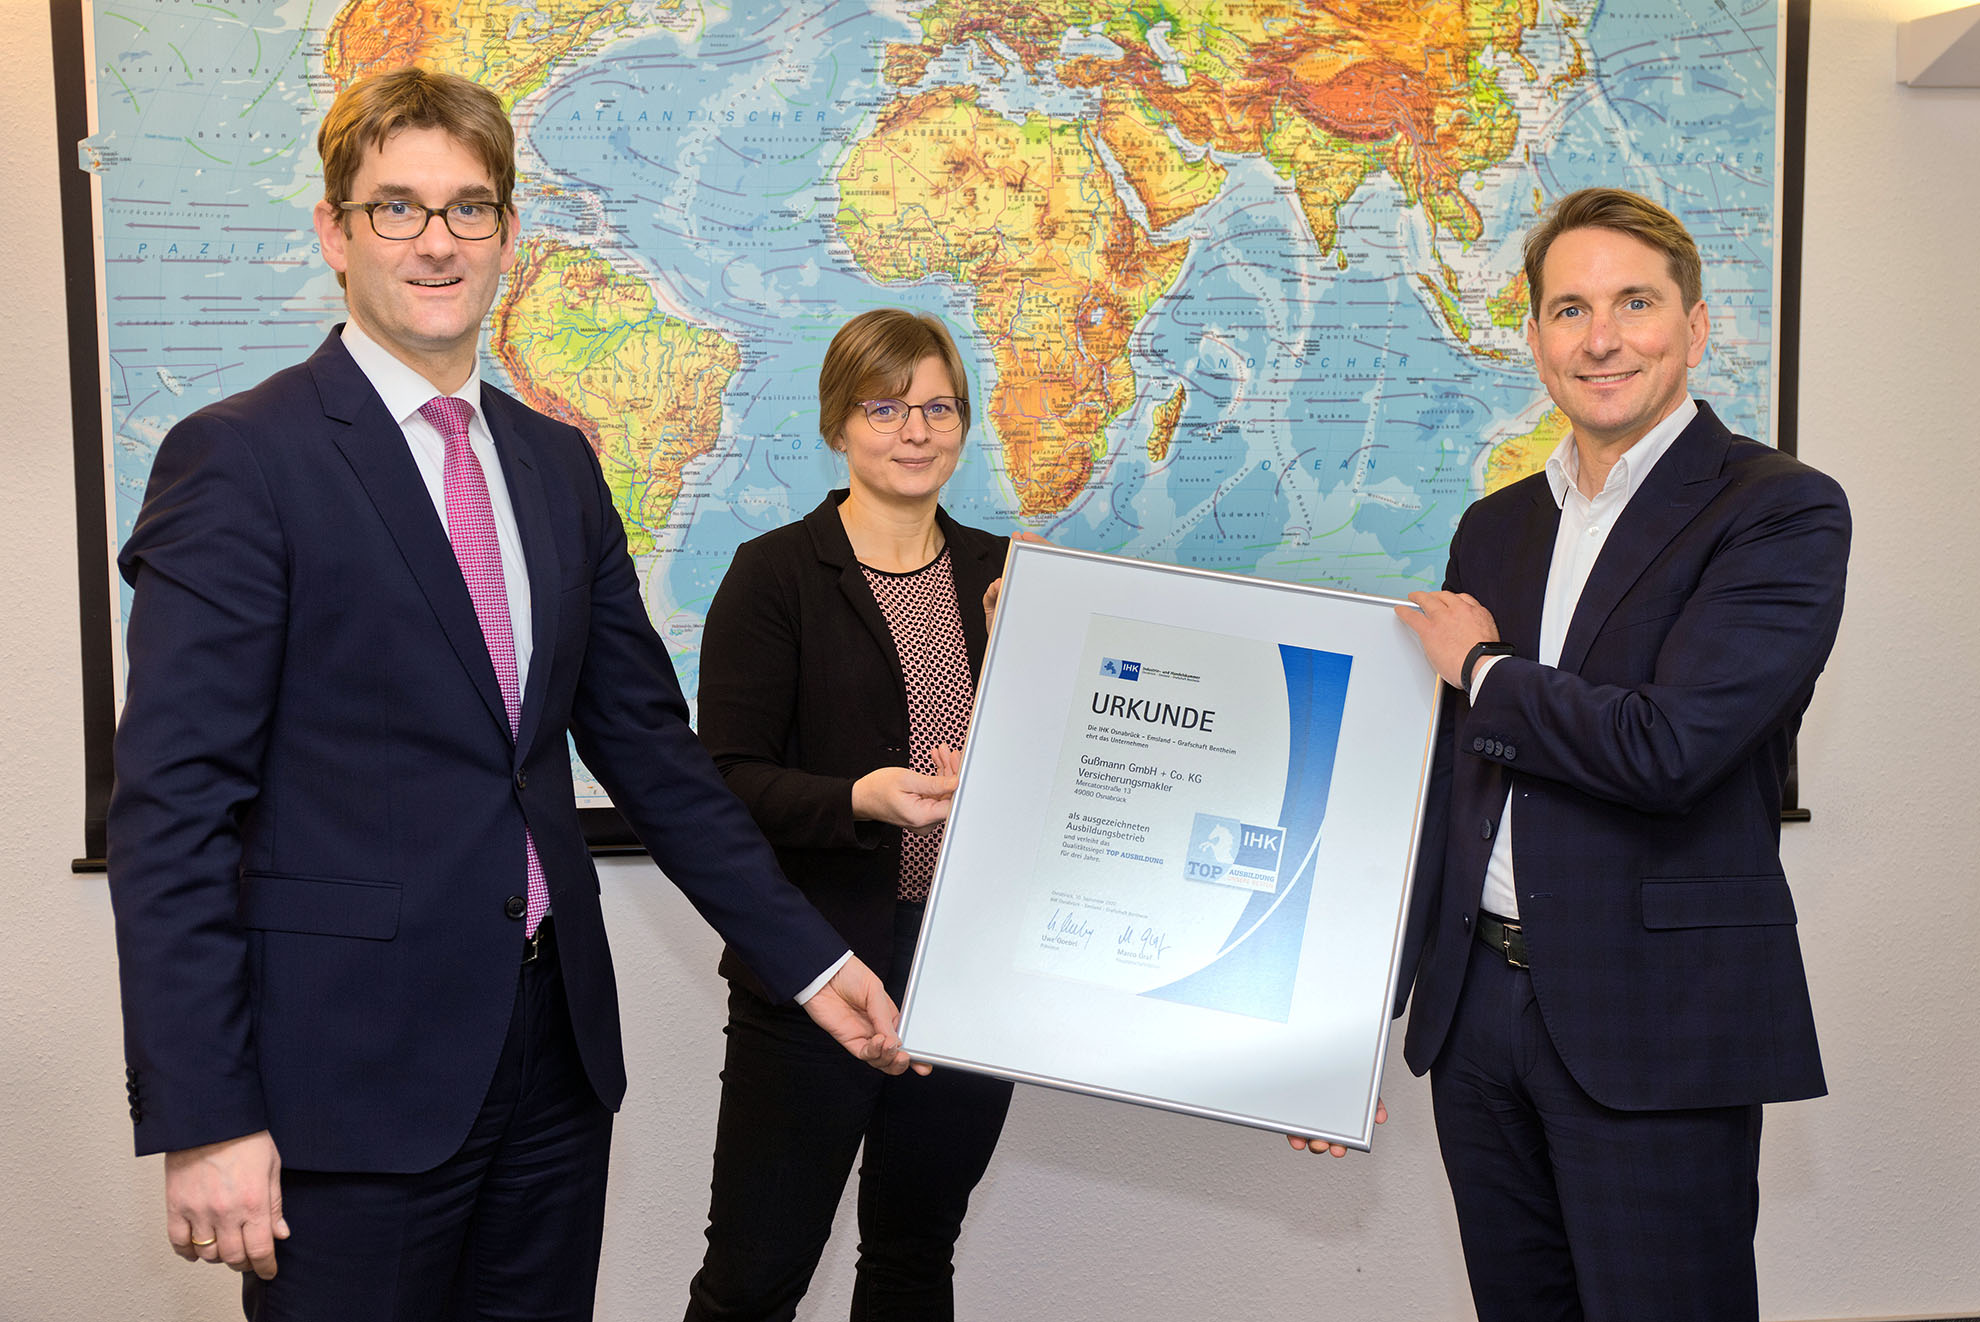 Martin Schlichter, IHK-Präsident, Bodo Gußmann und Jörg Holtgrefe, Gußmann GmbH + Co. KG (v.r.)